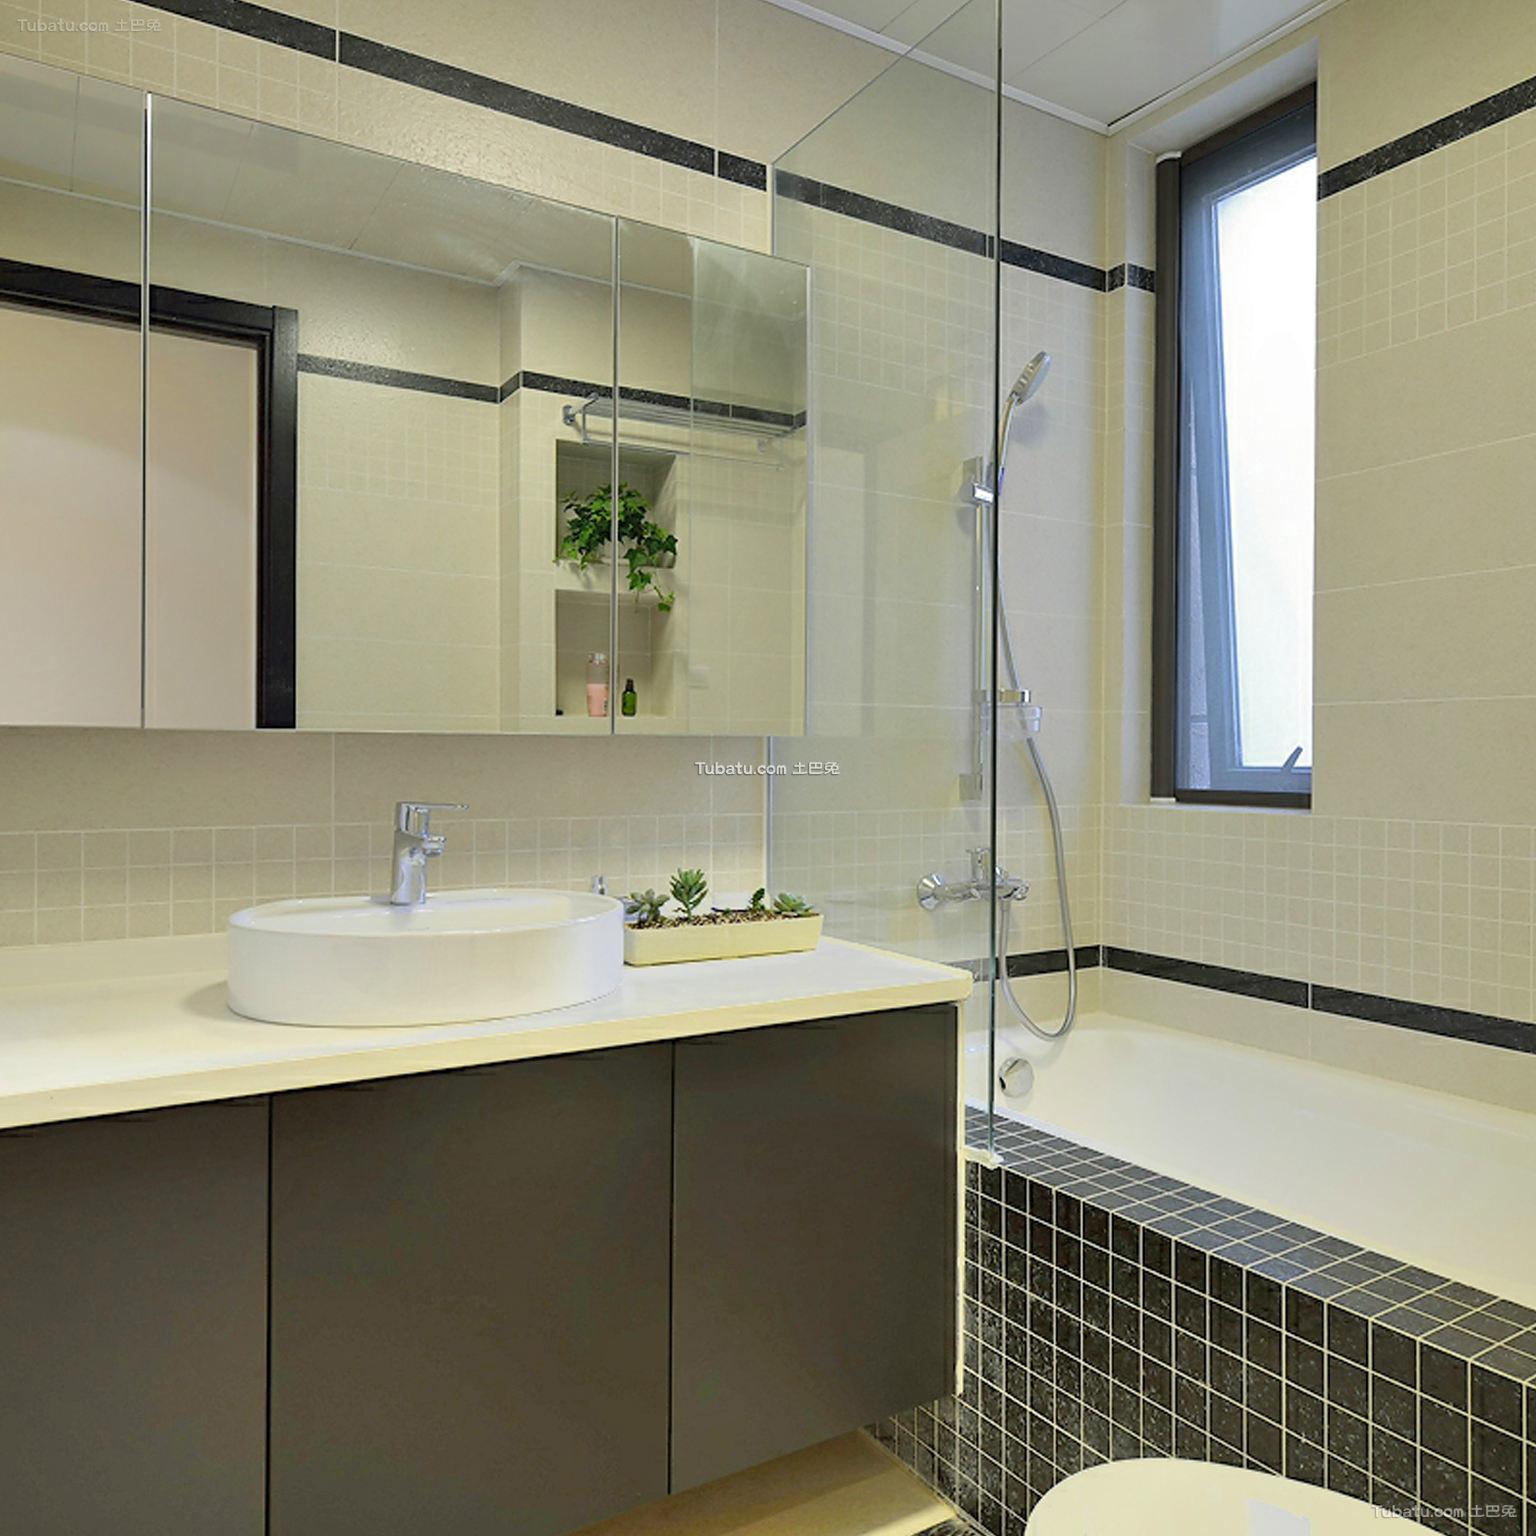 现代家居卫生间装修示范